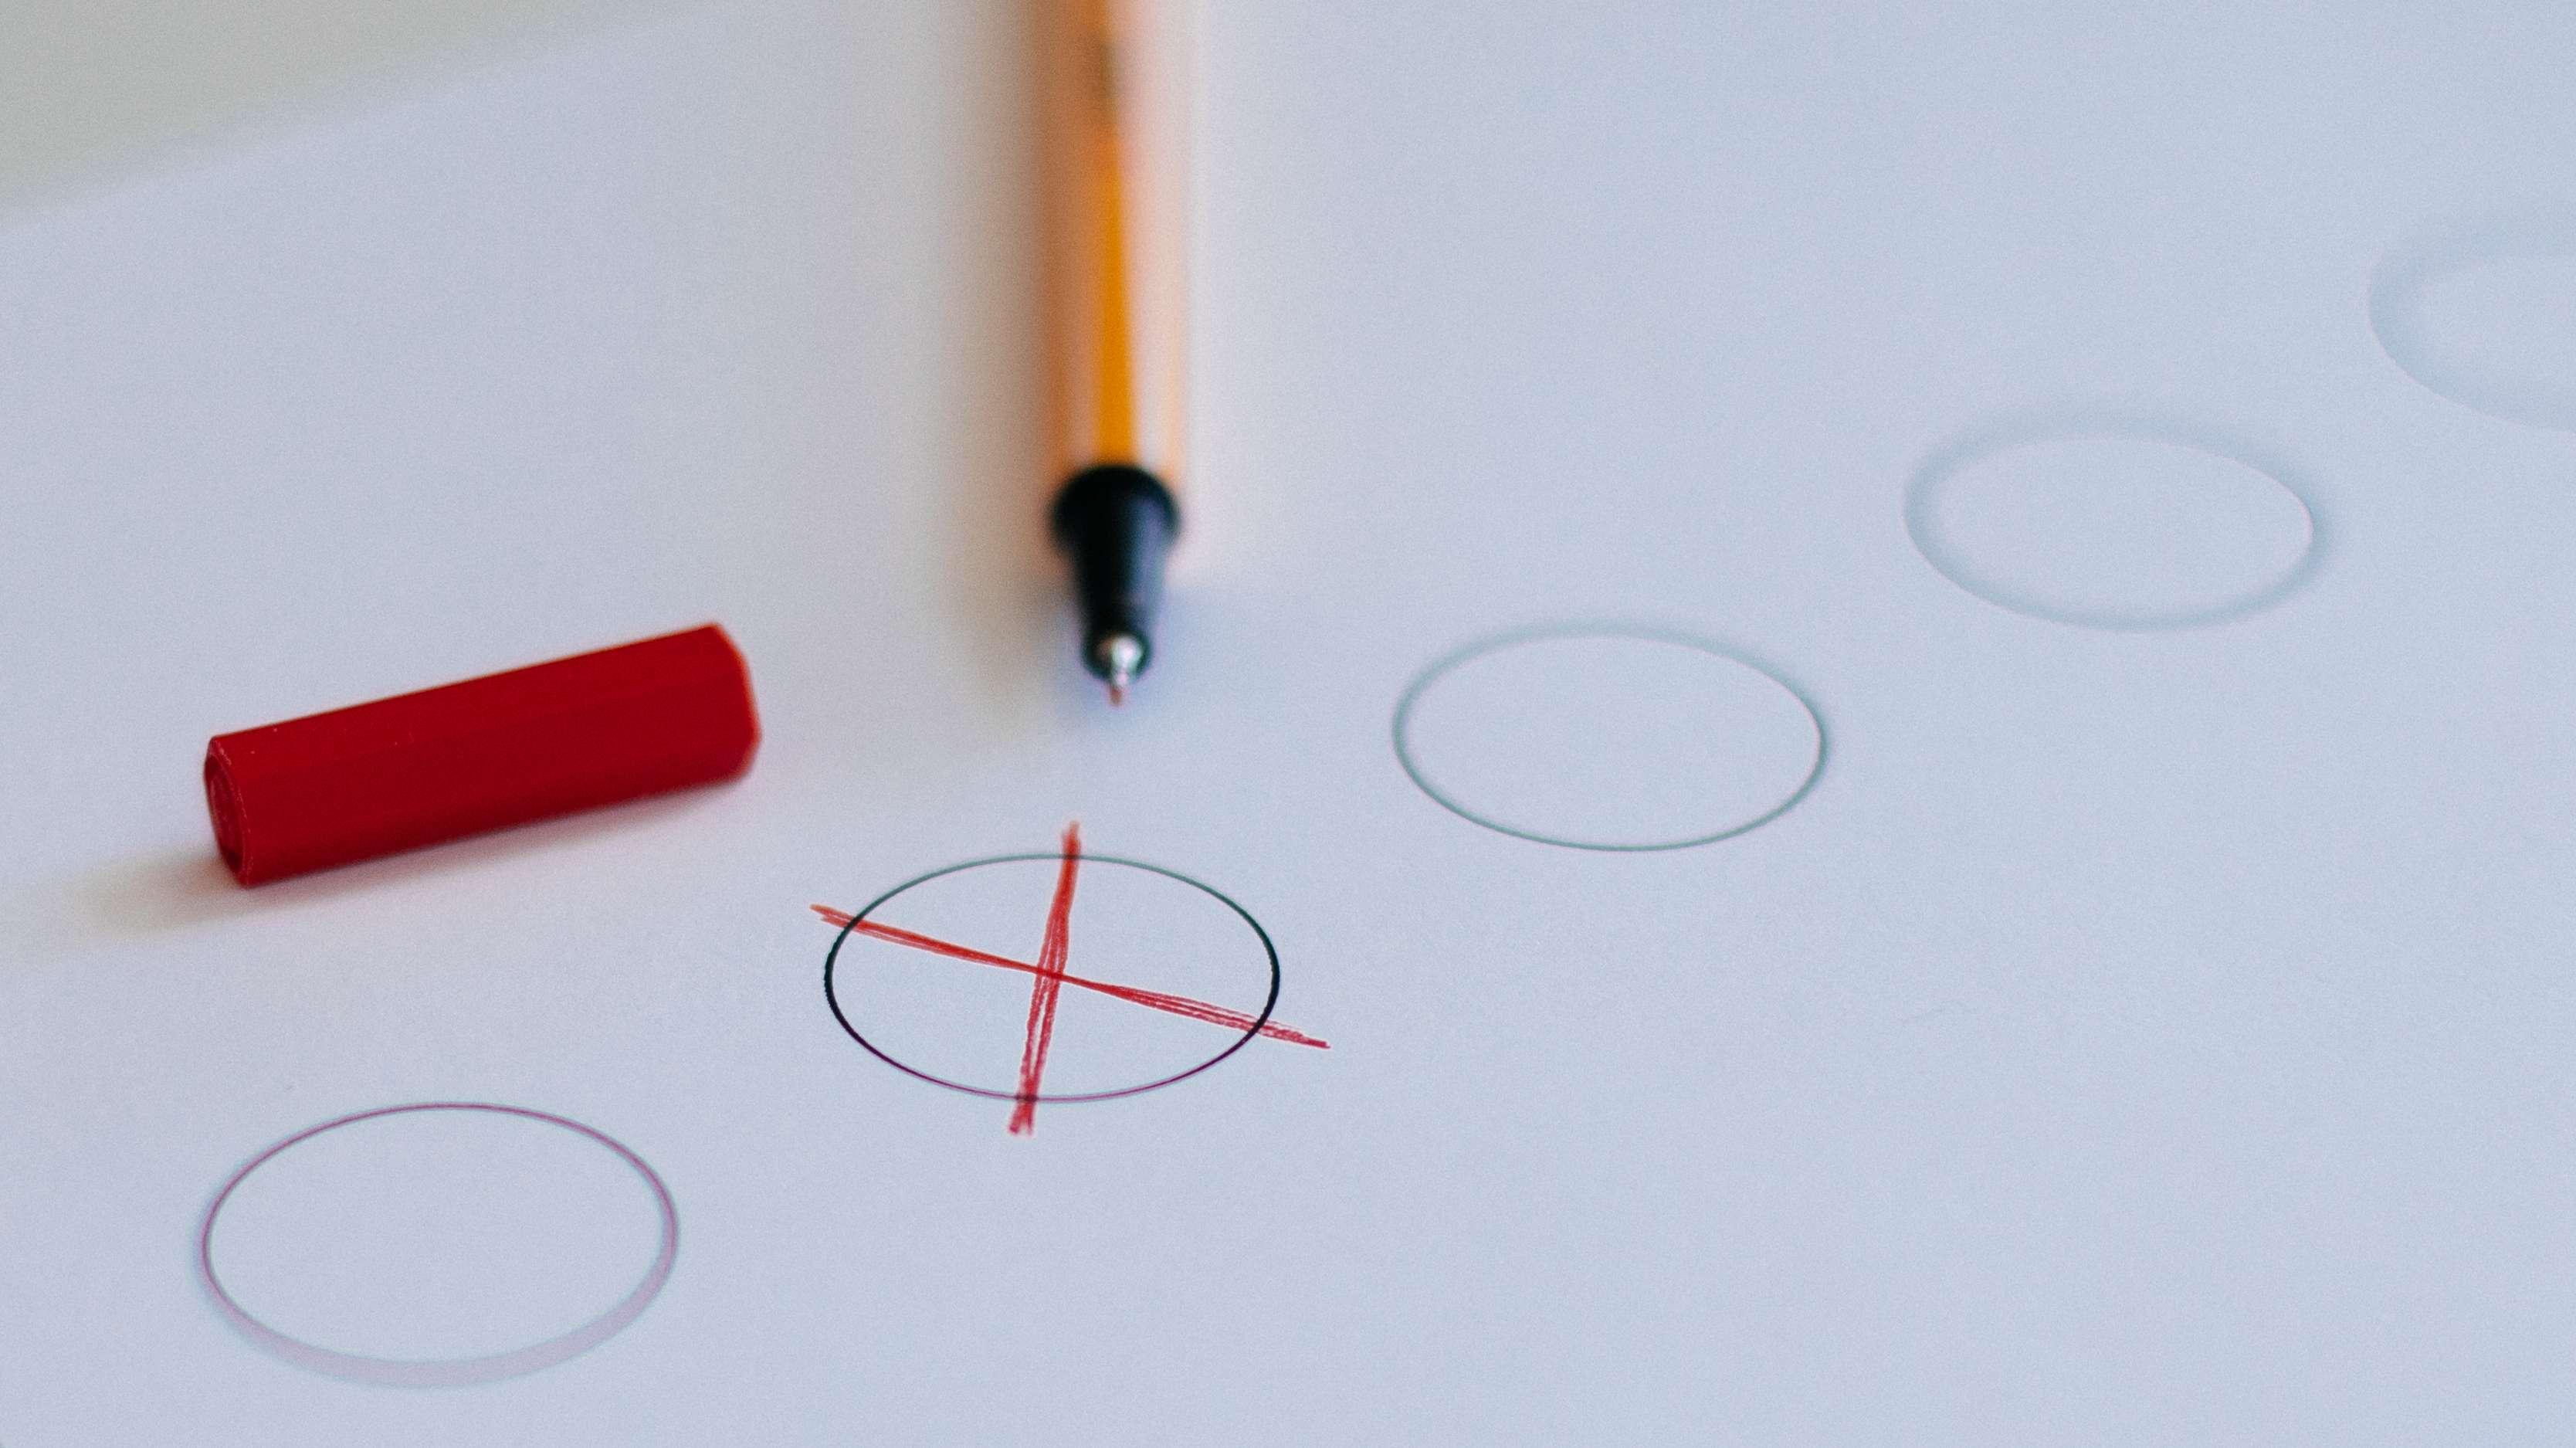 Rotes Kreuz in einem Kreis als Symbolbild fürs Wählen.